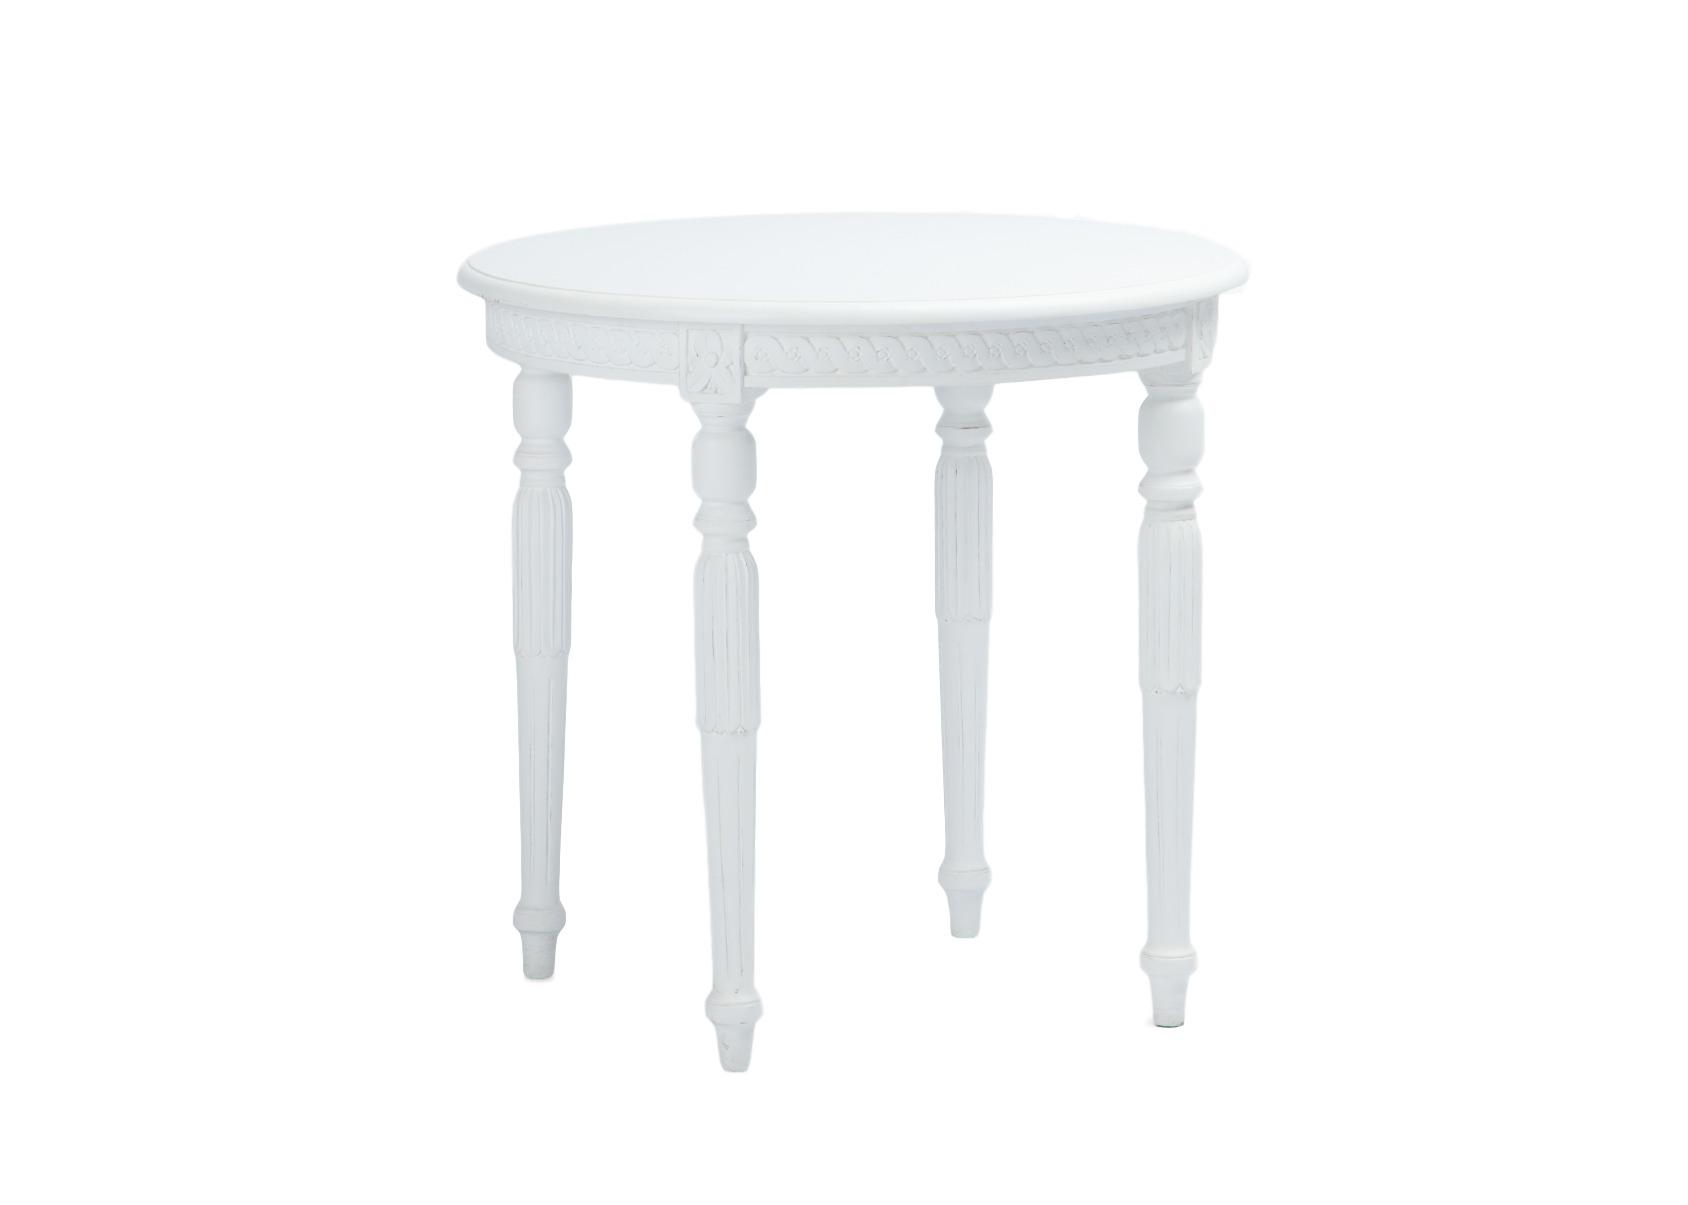 СтоликОбеденные столы<br>Круглый столик на резных ножках из дерева махагони в густавианском стиле.<br><br>Material: Красное дерево<br>Height см: 65<br>Diameter см: 70